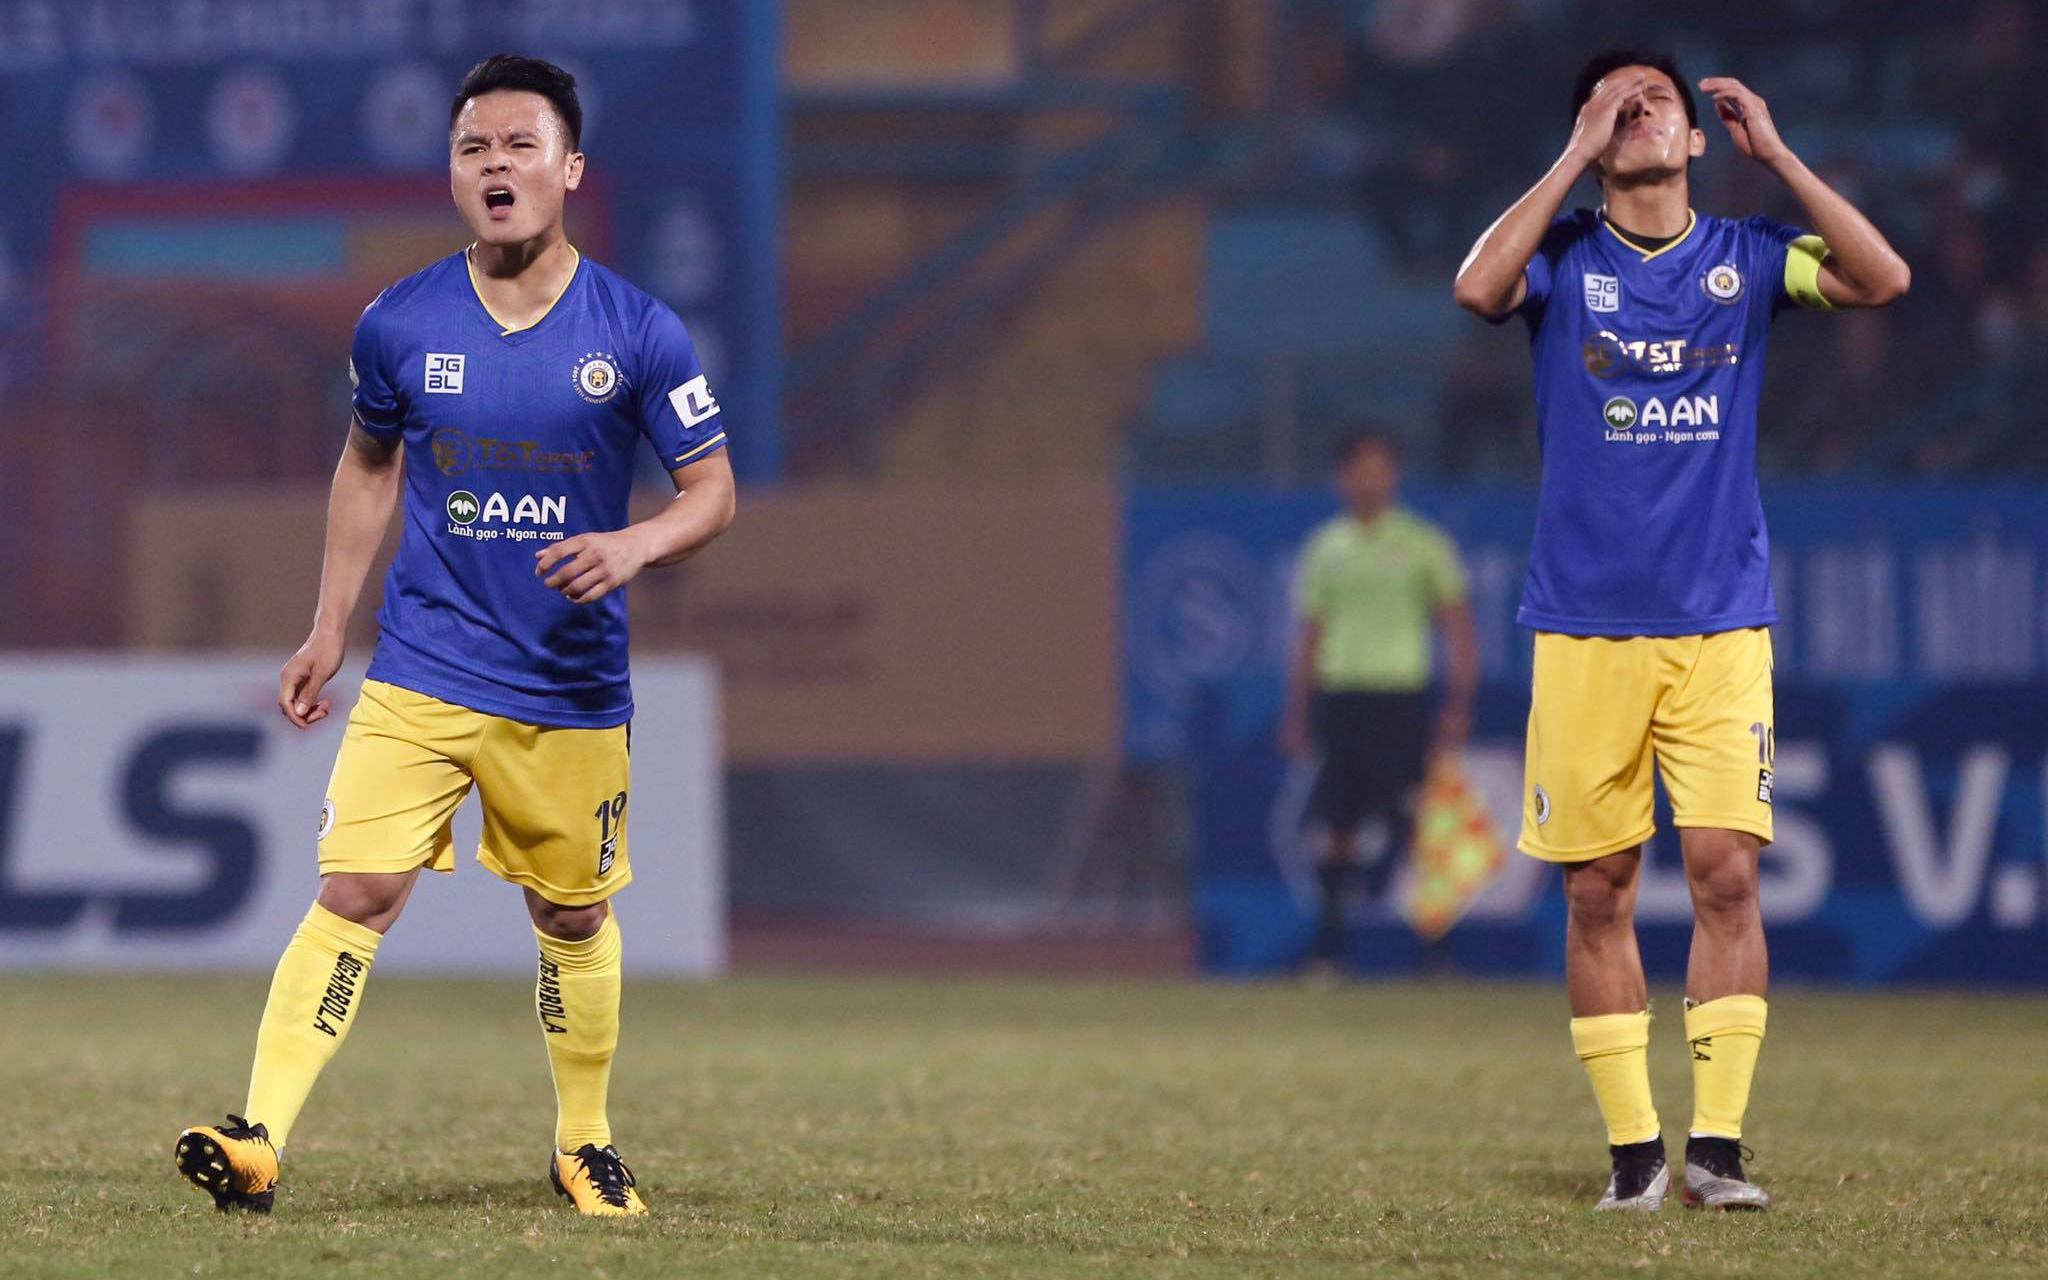 Thi đấu thất vọng, CLB Hà Nội thua ngược 1-2 Bình Dương ngay trên sân nhà Hàng Đẫy